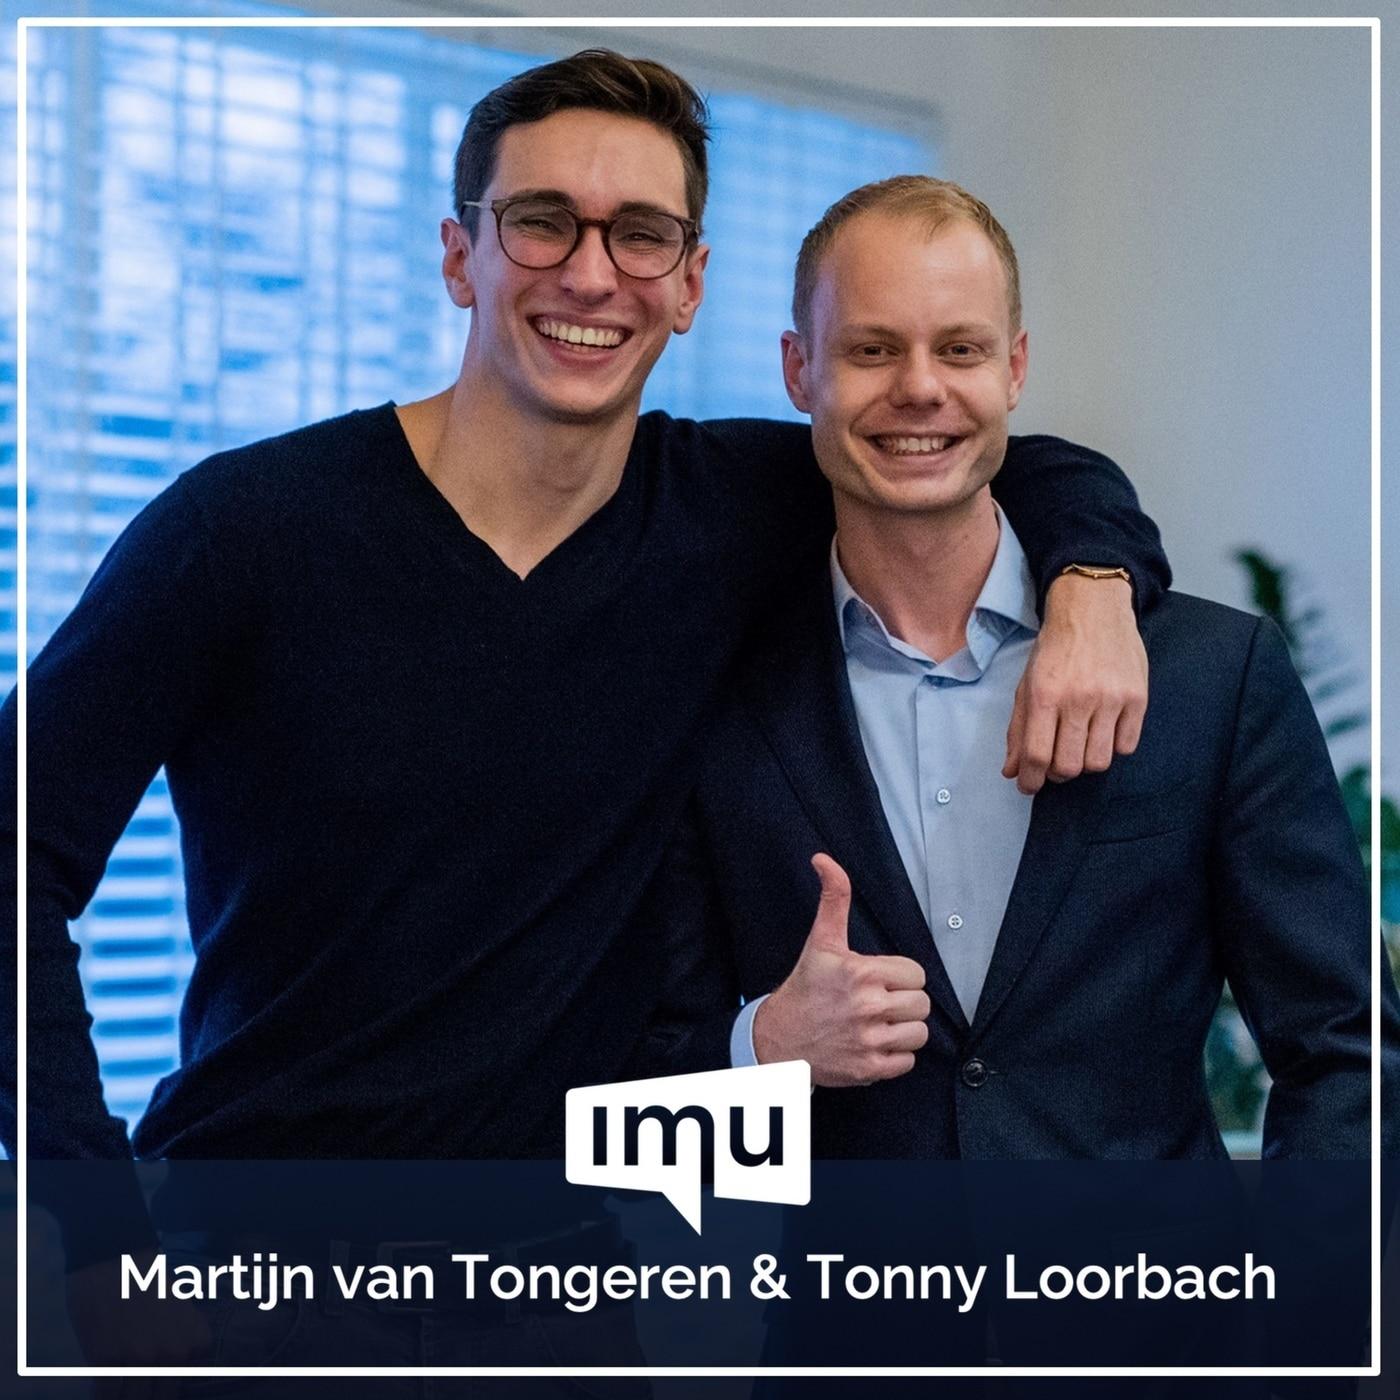 Martijn & Tonny